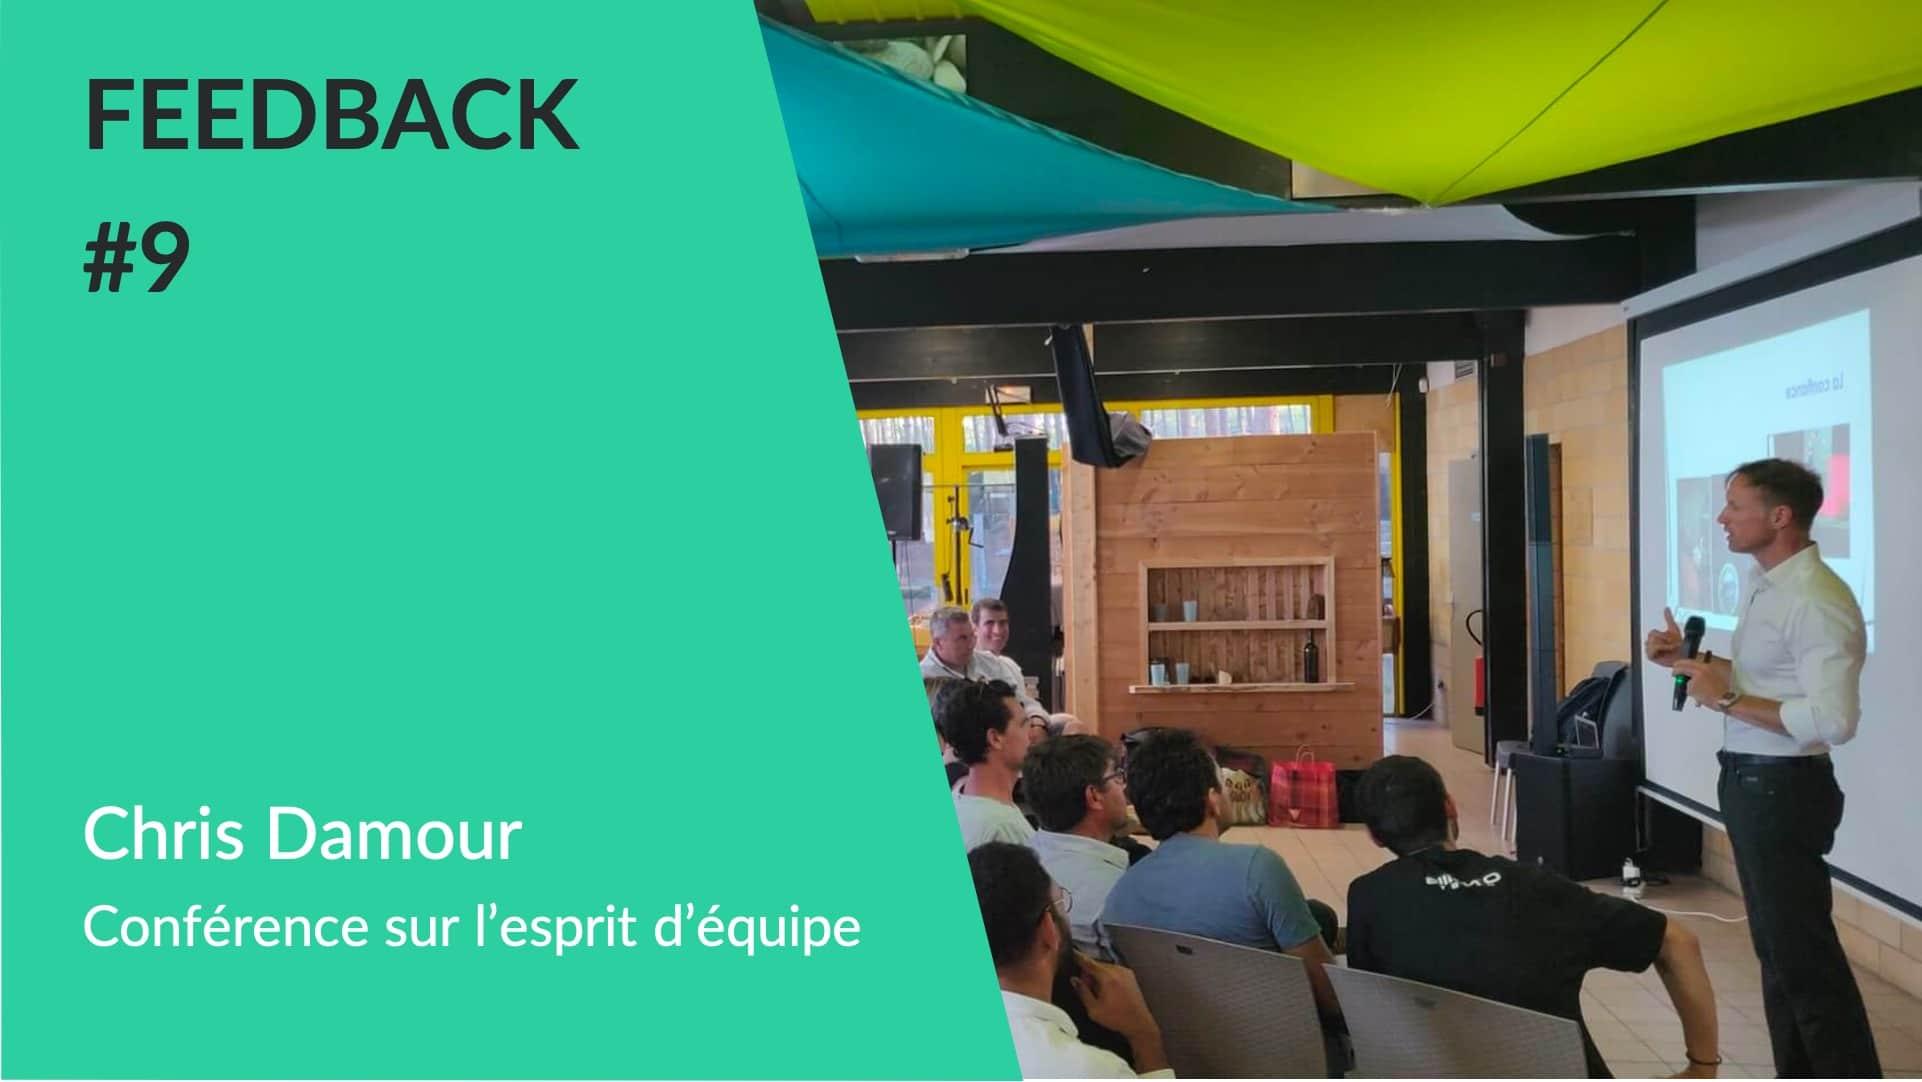 Chris-Damour-conference-esprit-equipe-conferencier-WeChamp